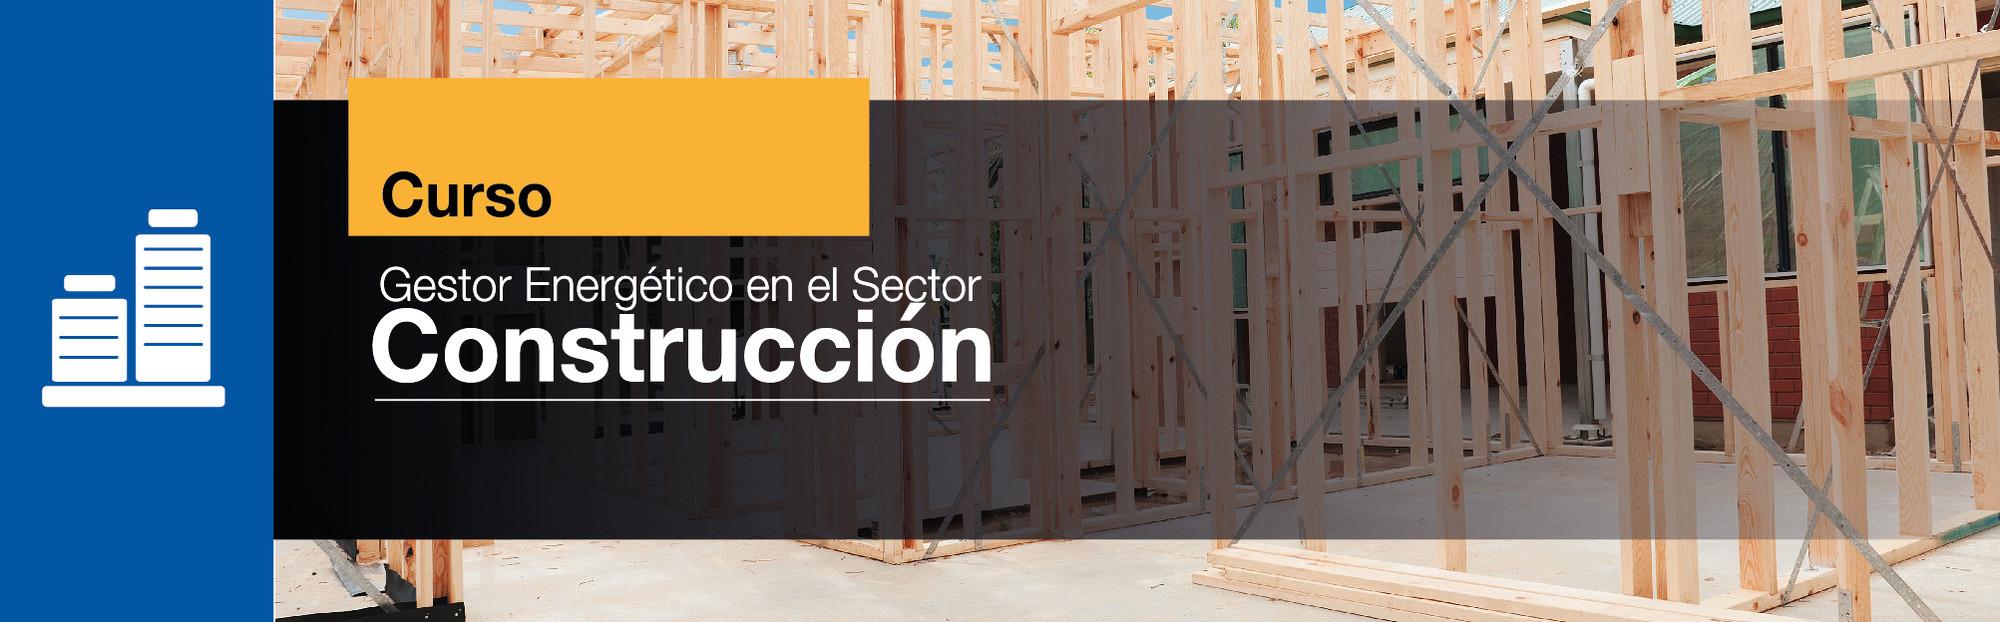 Gestor Energético Sector Construcción / Antofagasta, Chile / ¡Sorteamos una beca!